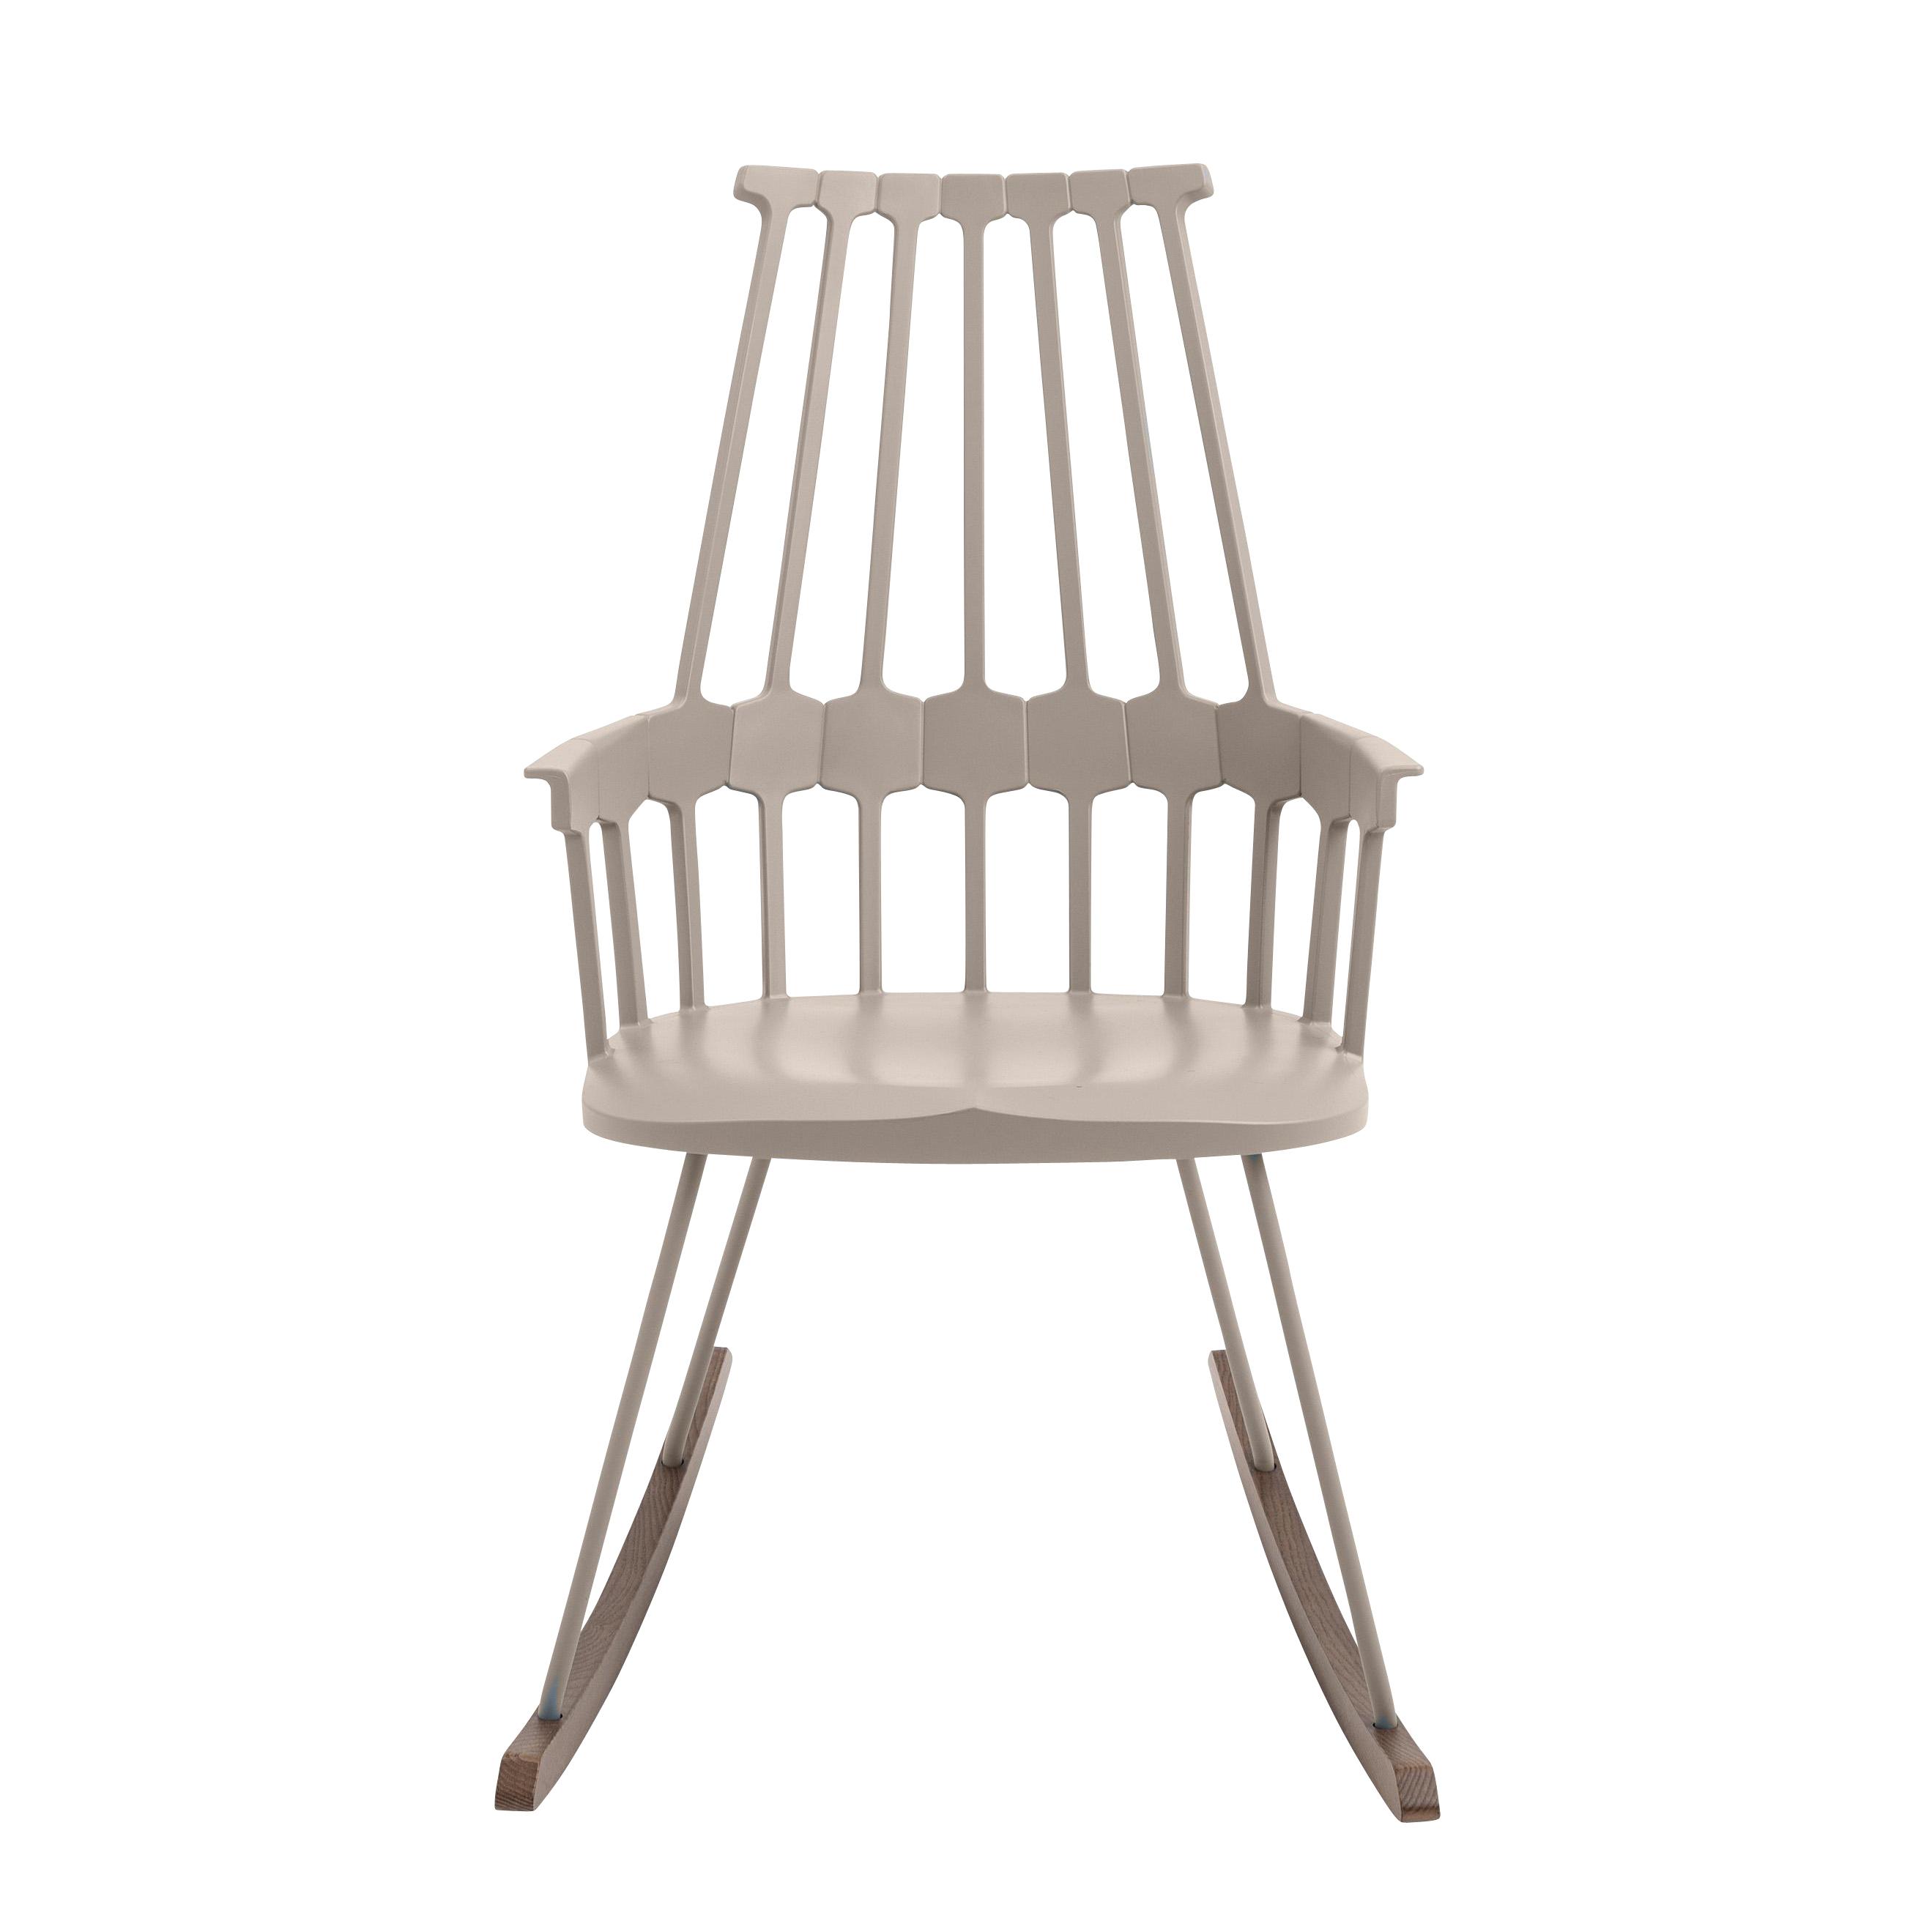 Kartell - Comback Chair Schaukelstuhl - haselnuss/Kufen esche gebeizt | Wohnzimmer > Stüle | Haselnuss|kufen esche gebeizt | Technopolymer| esche gebeizt | Kartell